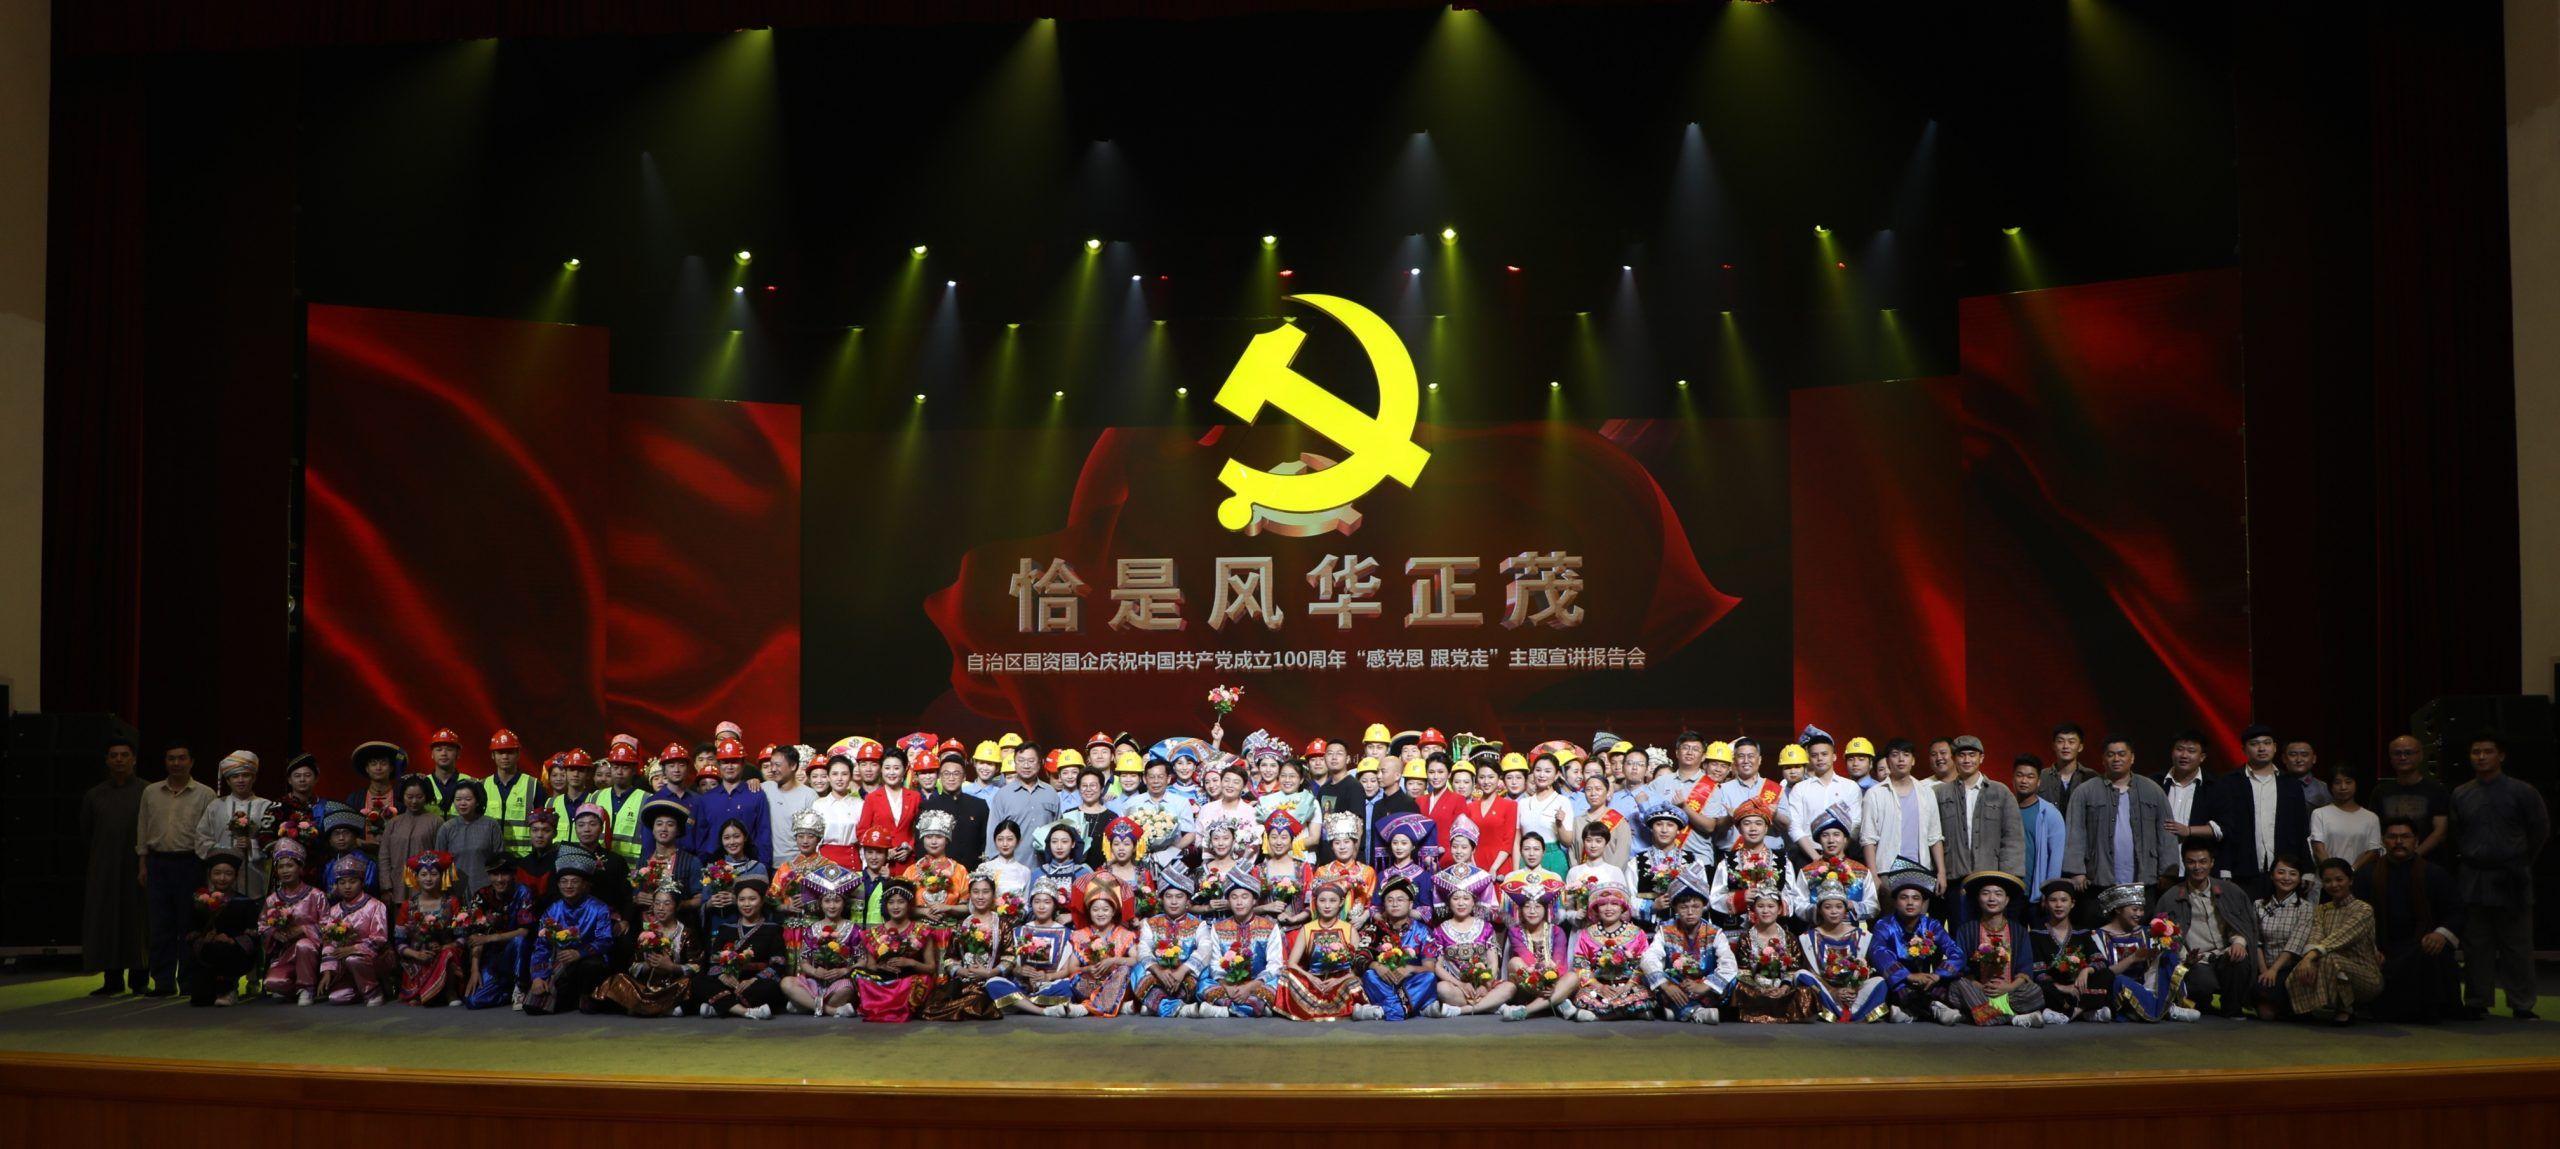 广西师大社承办的《恰是风华正茂》主题宣讲报告在广西人民会堂成功举办